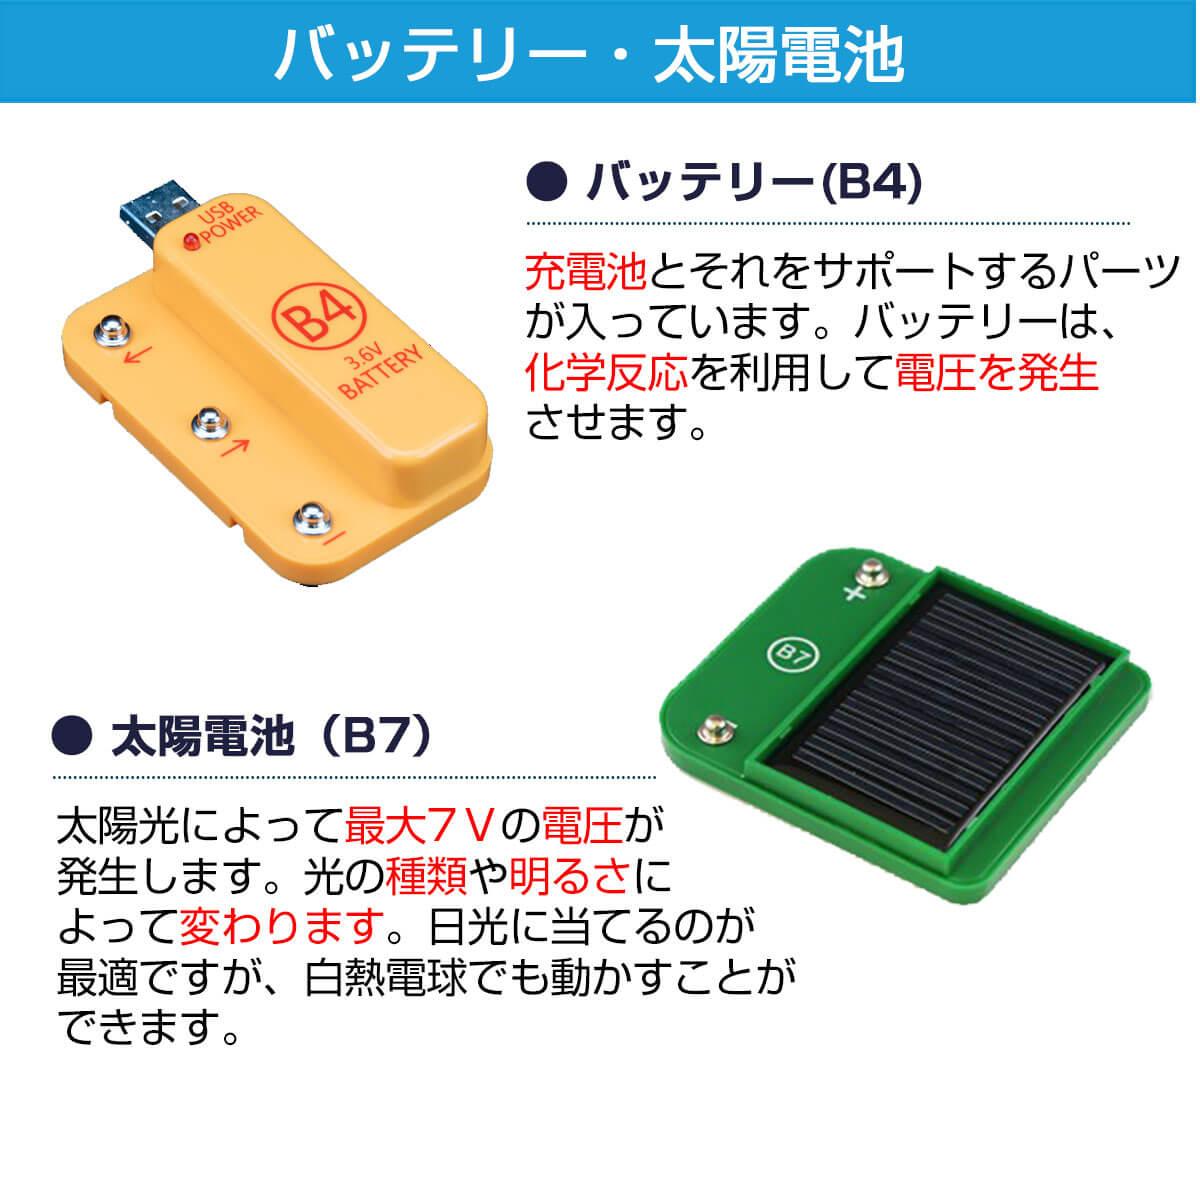 【正規品】 自由研究 子供 宿題 夏休み 電脳サーキット エコロジー 自然エネルギー 発電 仕組み 知育玩具 電子ブロック 電子玩具 科学 おもちゃ